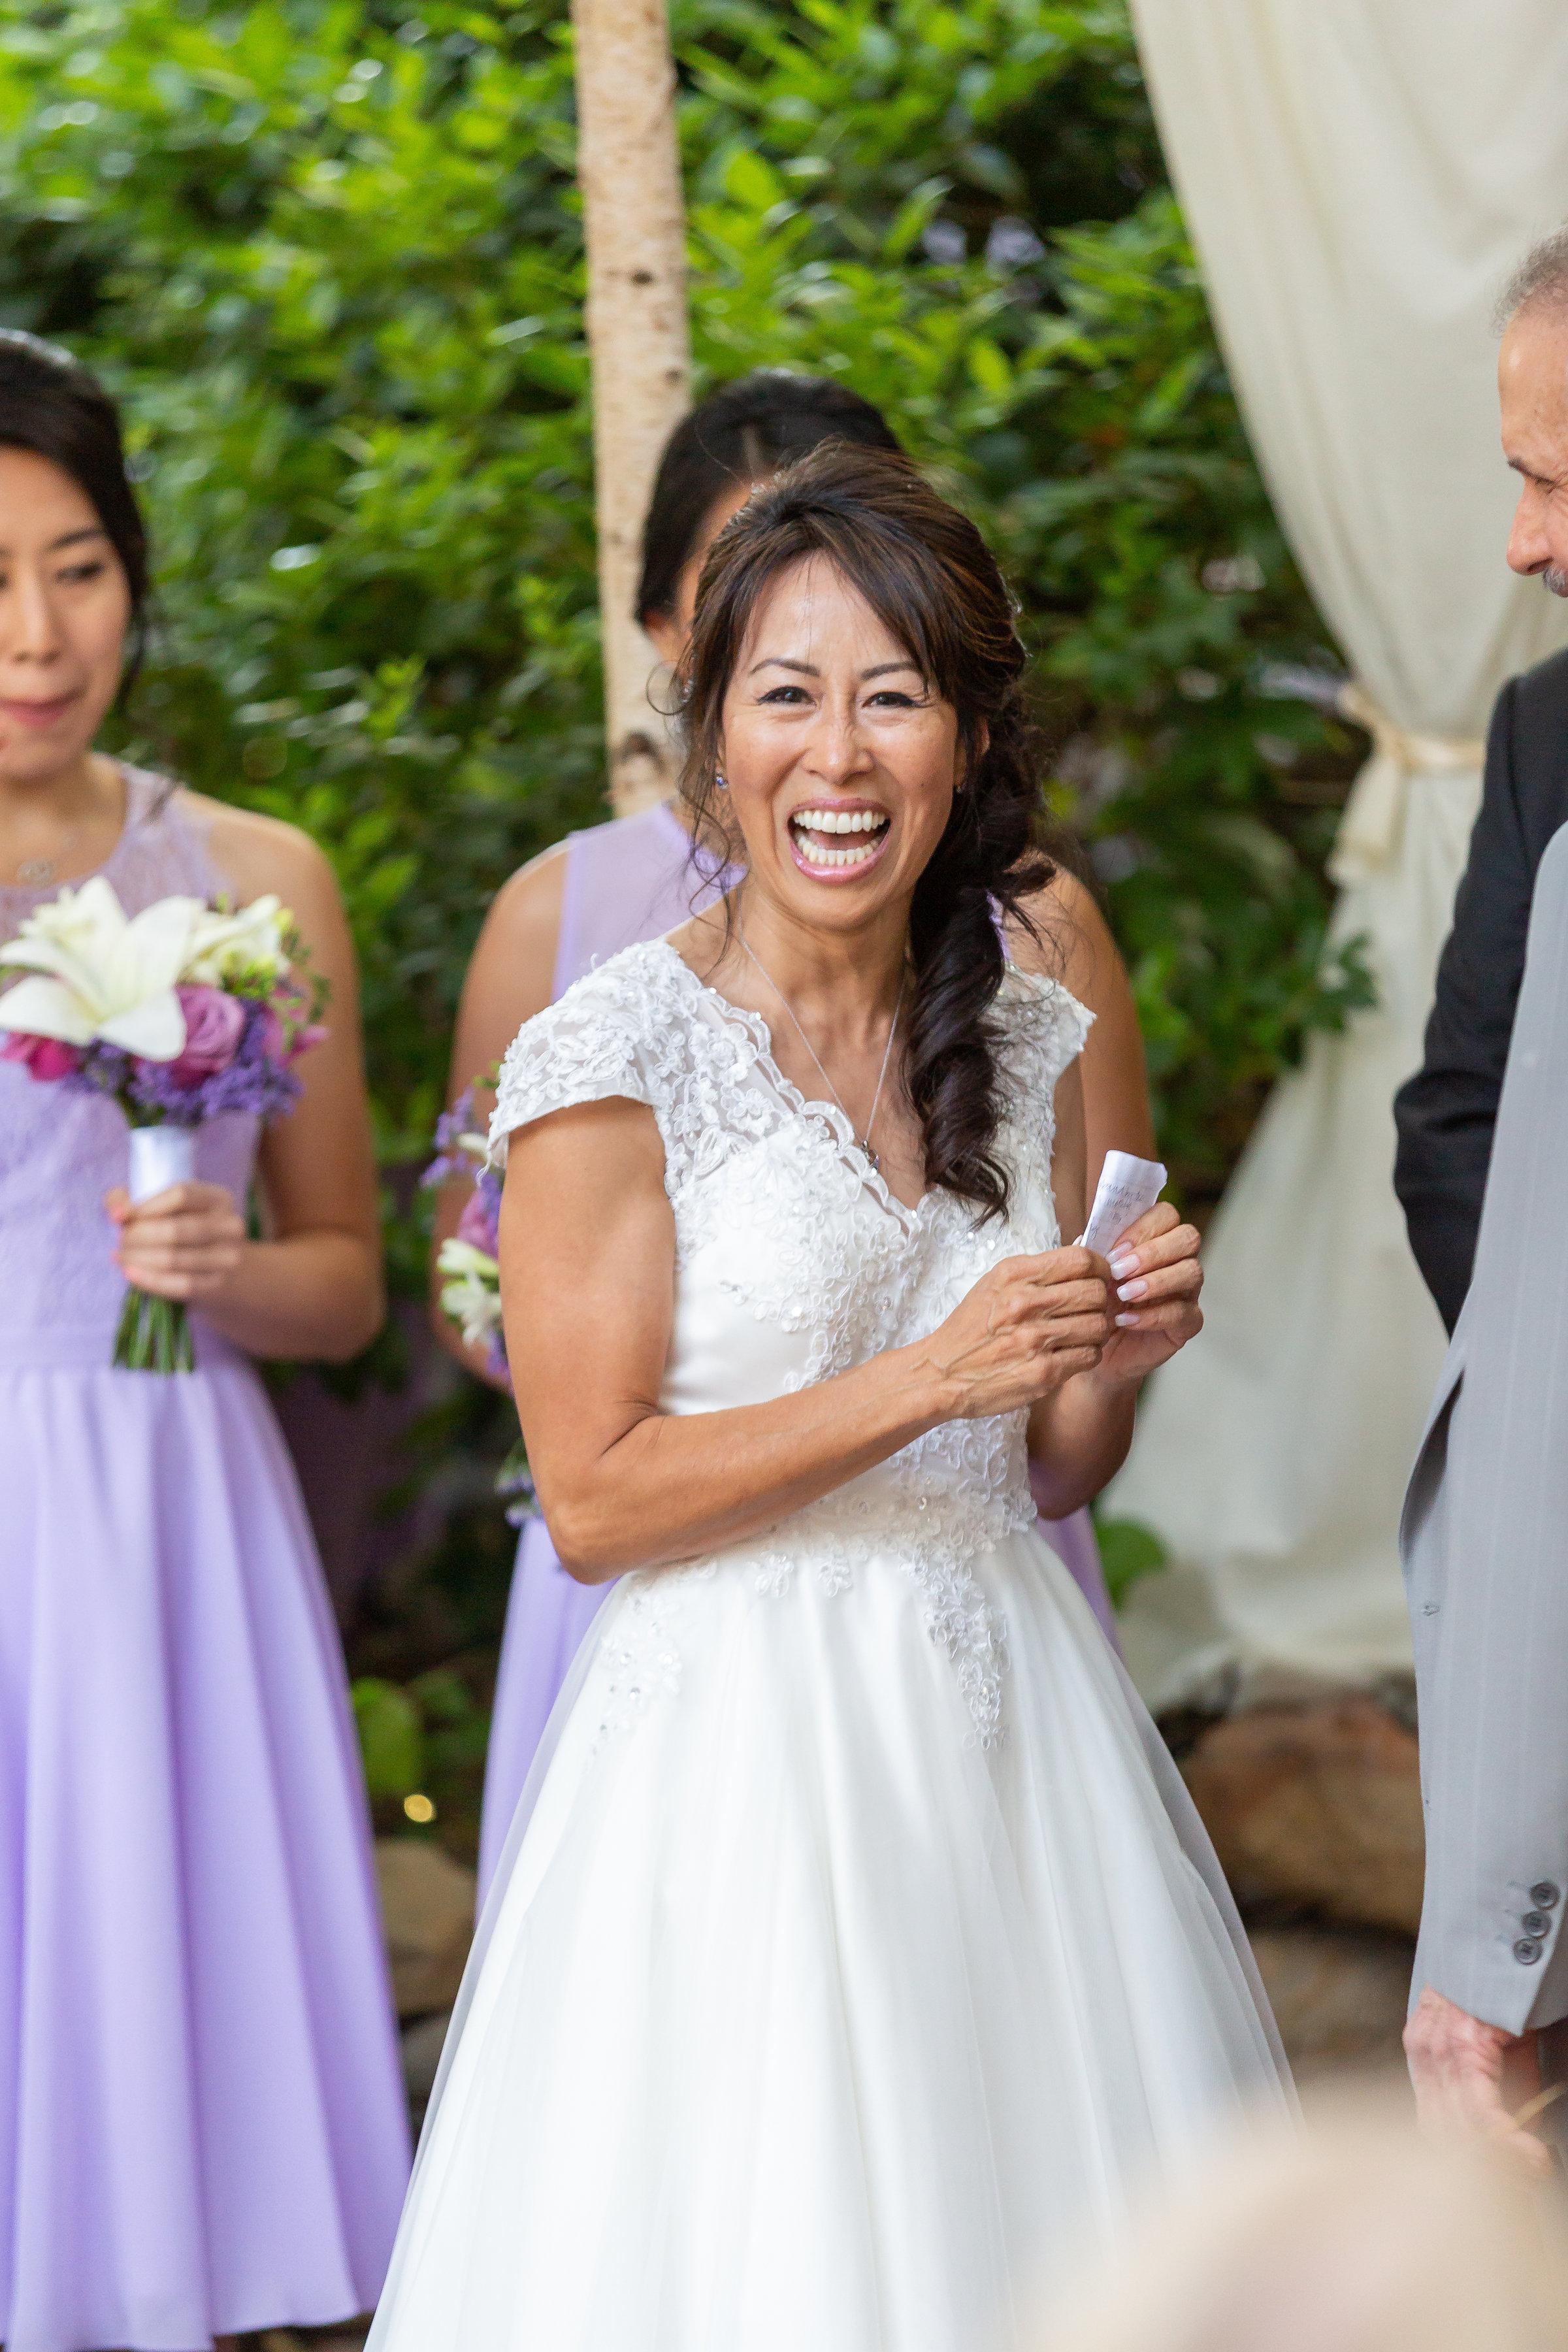 Happy Bride at Topanga Wedding Ceremony